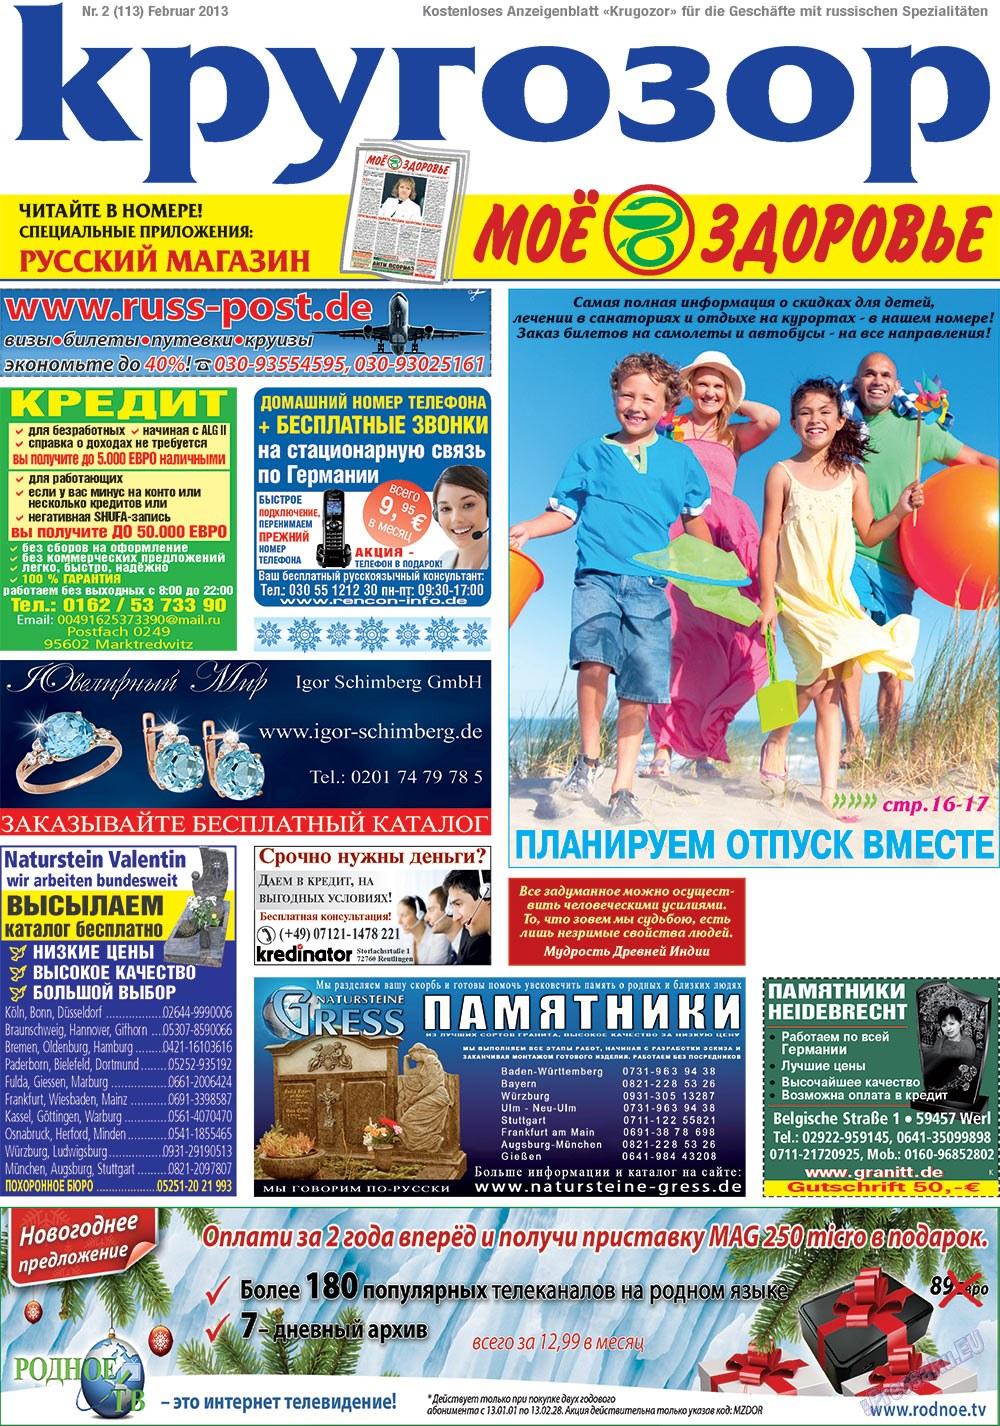 Кругозор (газета). 2013 год, номер 2, стр. 1